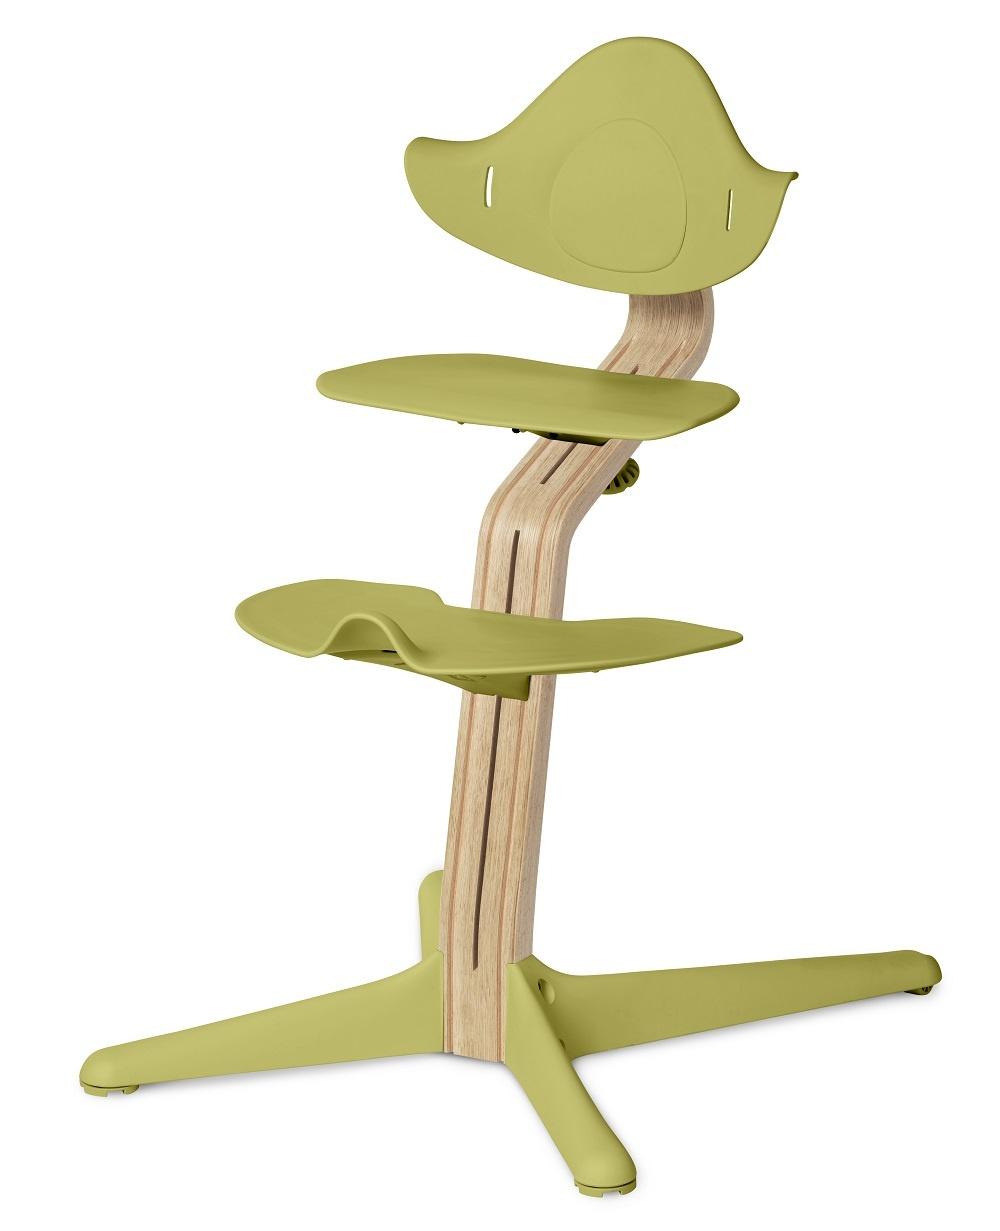 Nomi NOMI highchair meegroeistoel Basis eiken wit oiled en stoel Lime